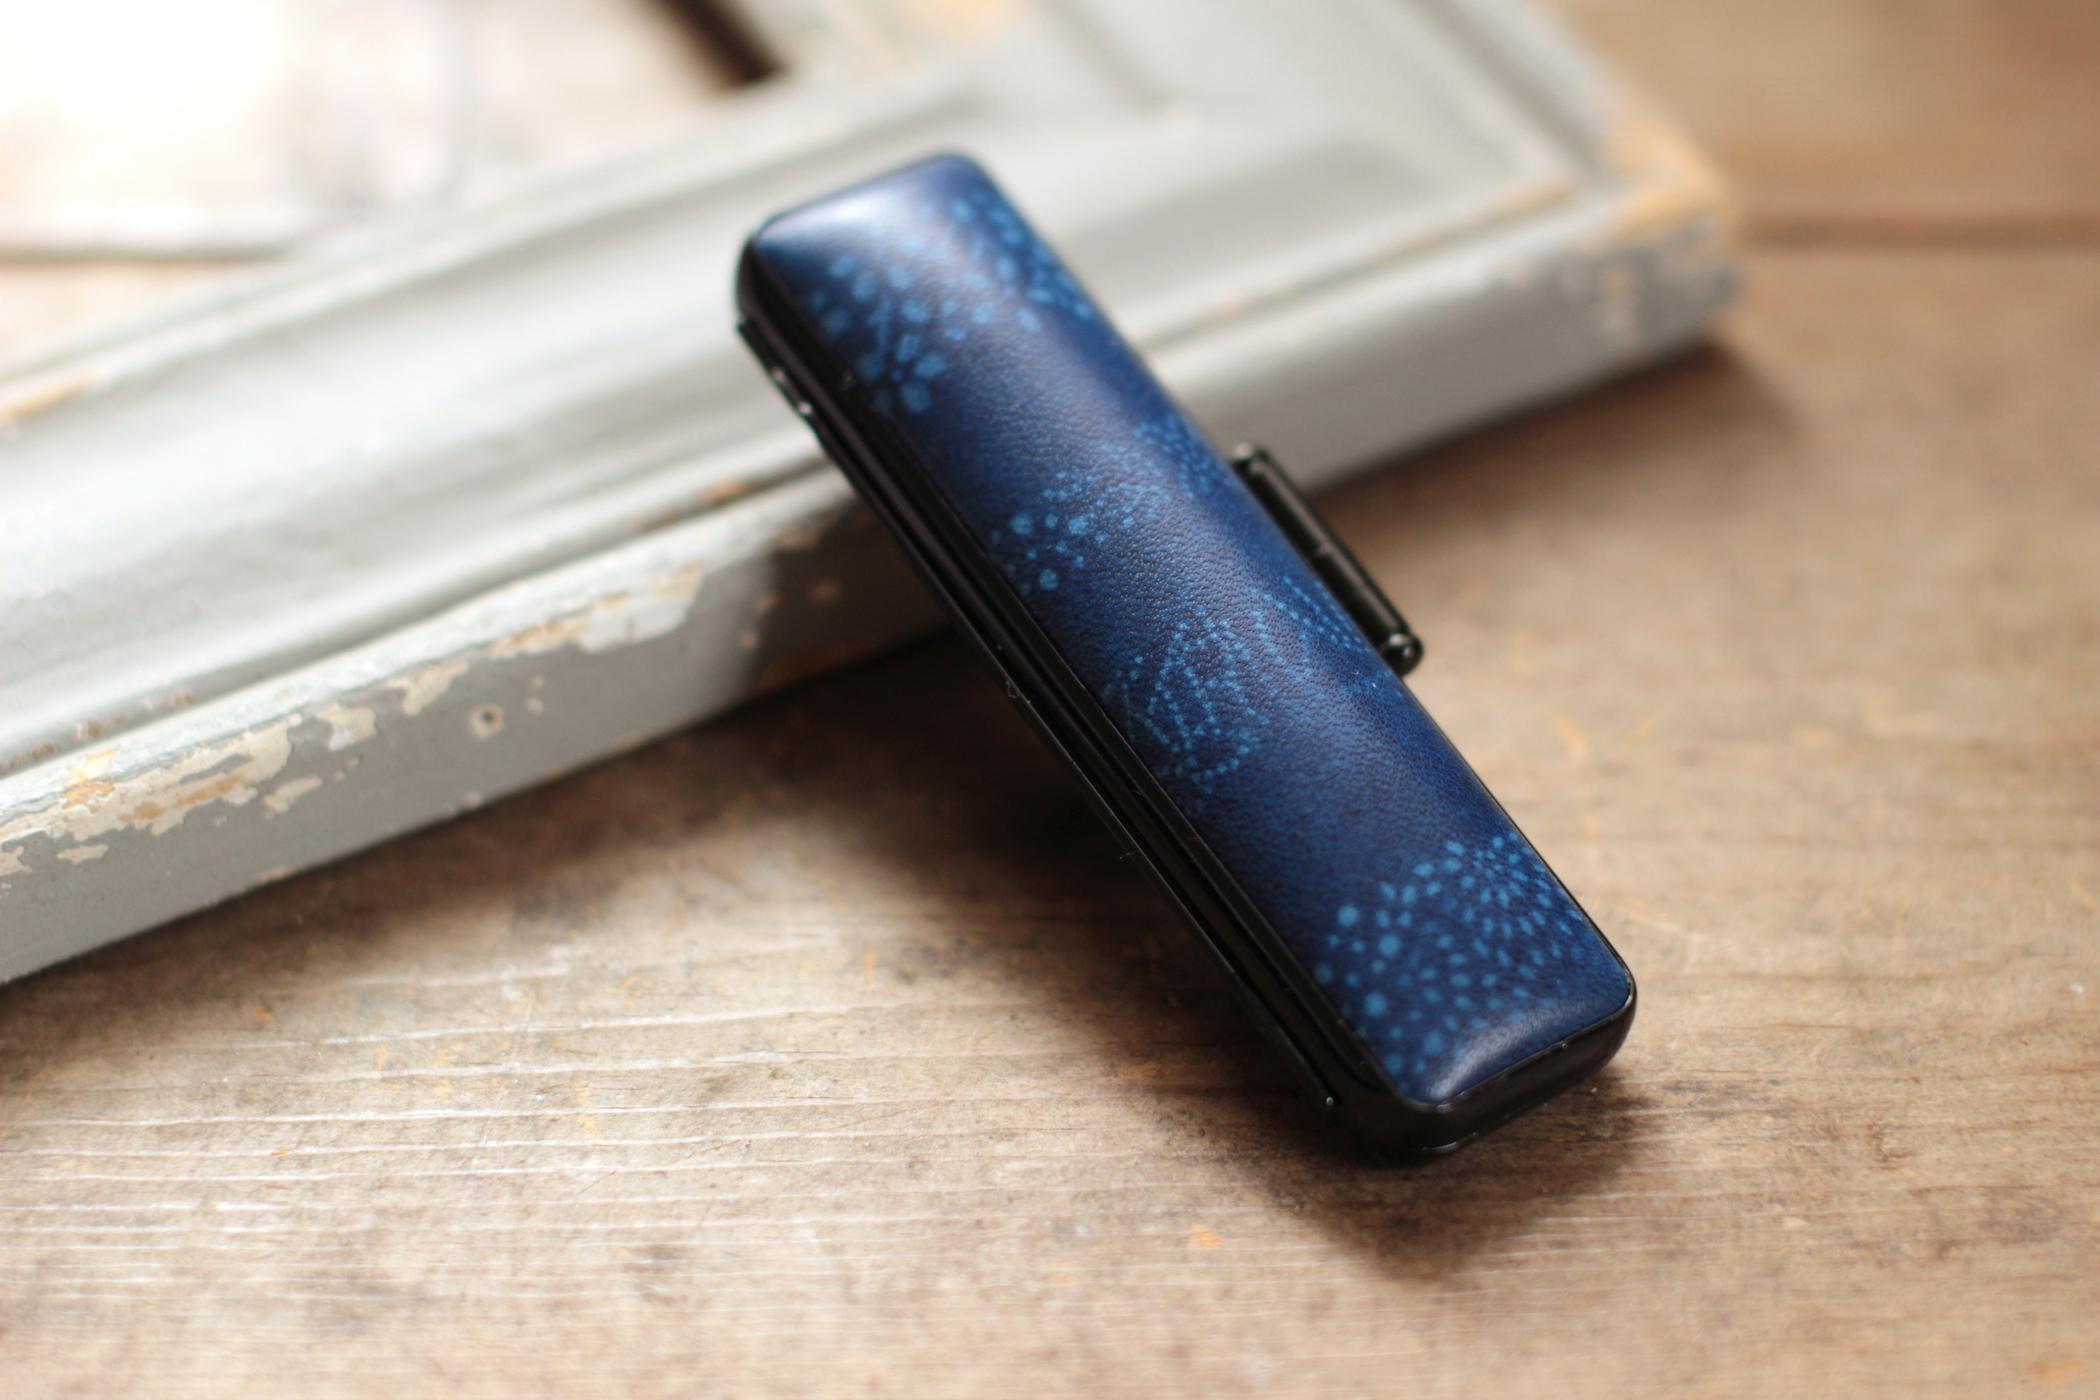 藍染革【江戸小紋・変り縞(kawarishima)・重ね染め】 12mm径印鑑ケース